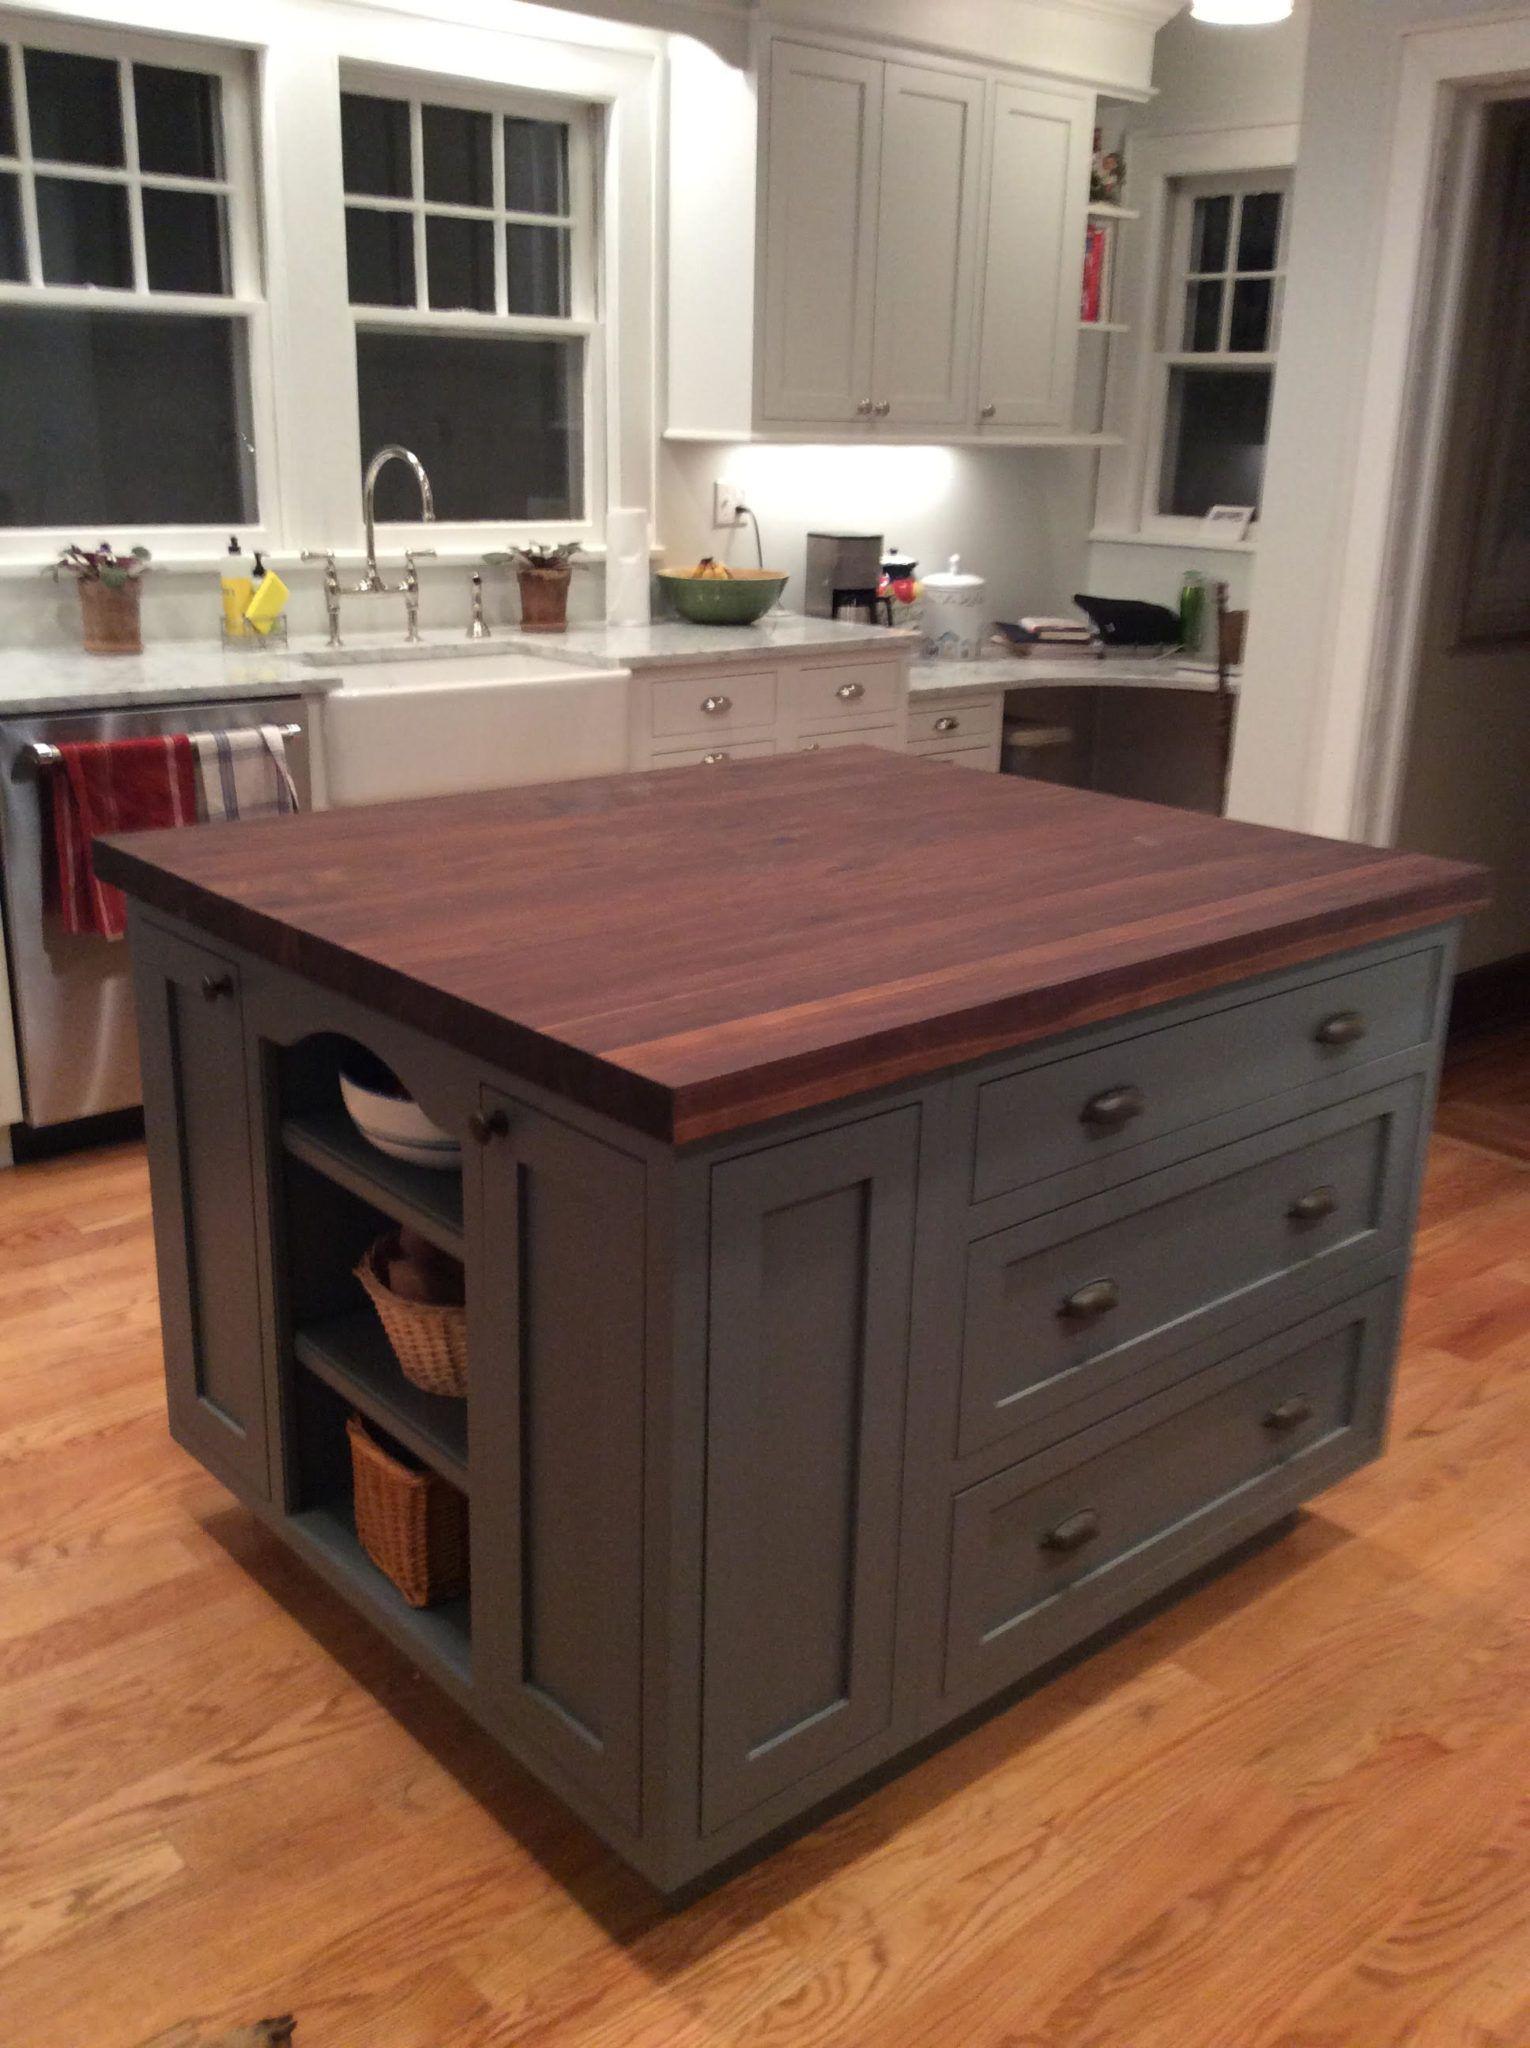 Gallery Diy Butcher Block Countertops Wood Countertops Kitchen